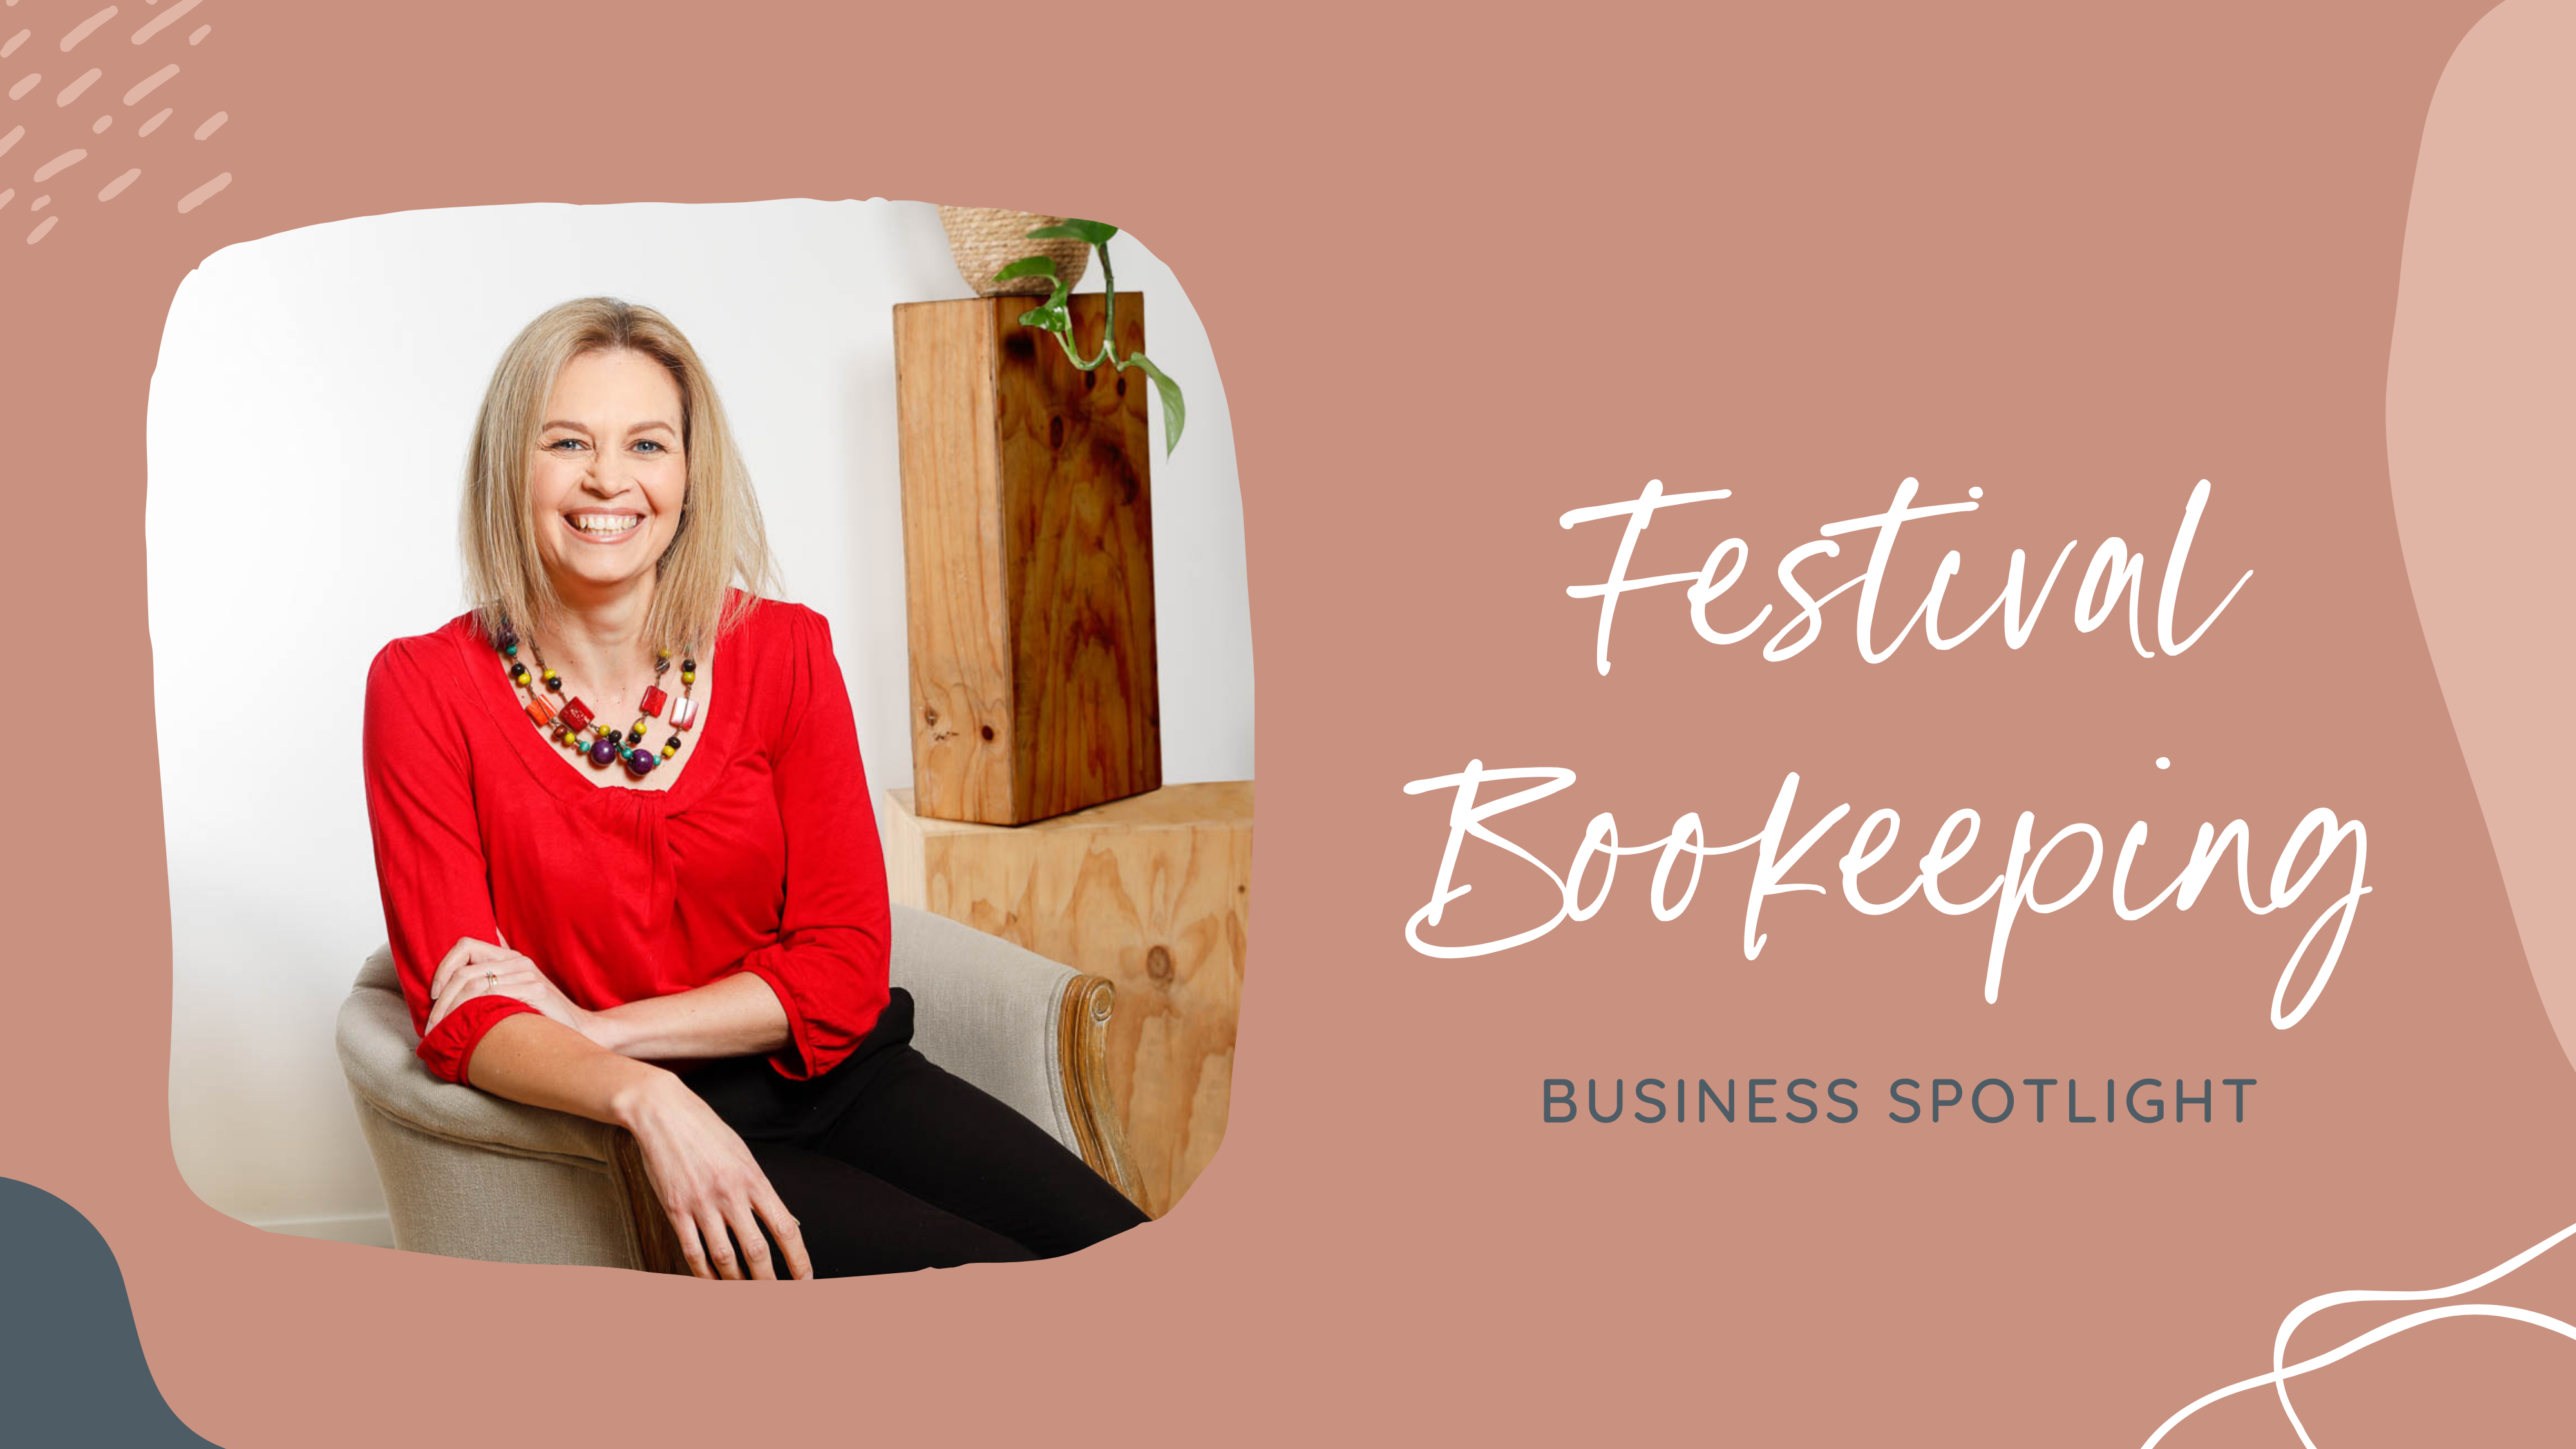 Meet Sarina Abbott from Festival Bookkeeping